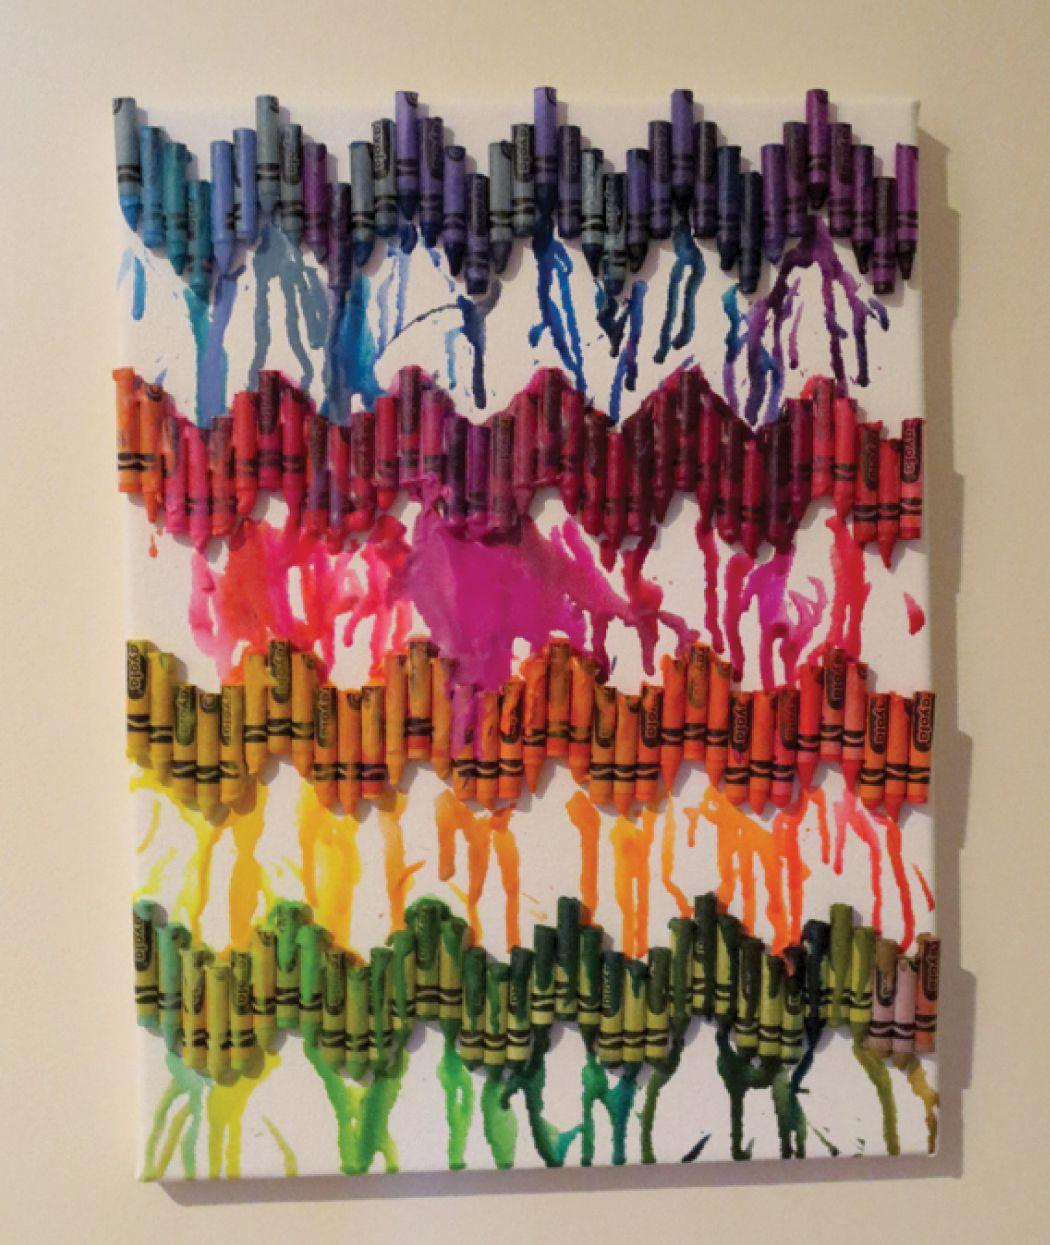 Diy crayon decor do it yourself chevron crayon art special event diy crayon decor do it yourself chevron crayon art special event rentals blog solutioingenieria Image collections